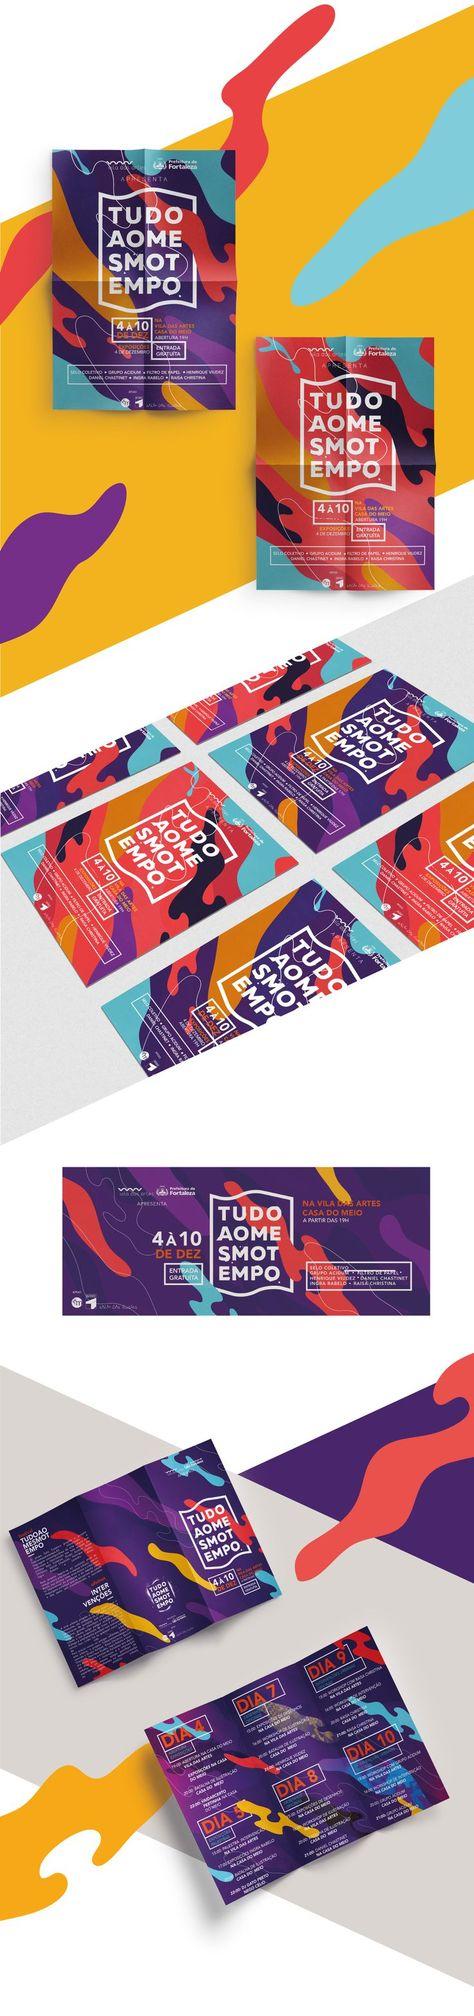 21 Dia Grabando Porno 138 best graphic design images | graphic design, graphic